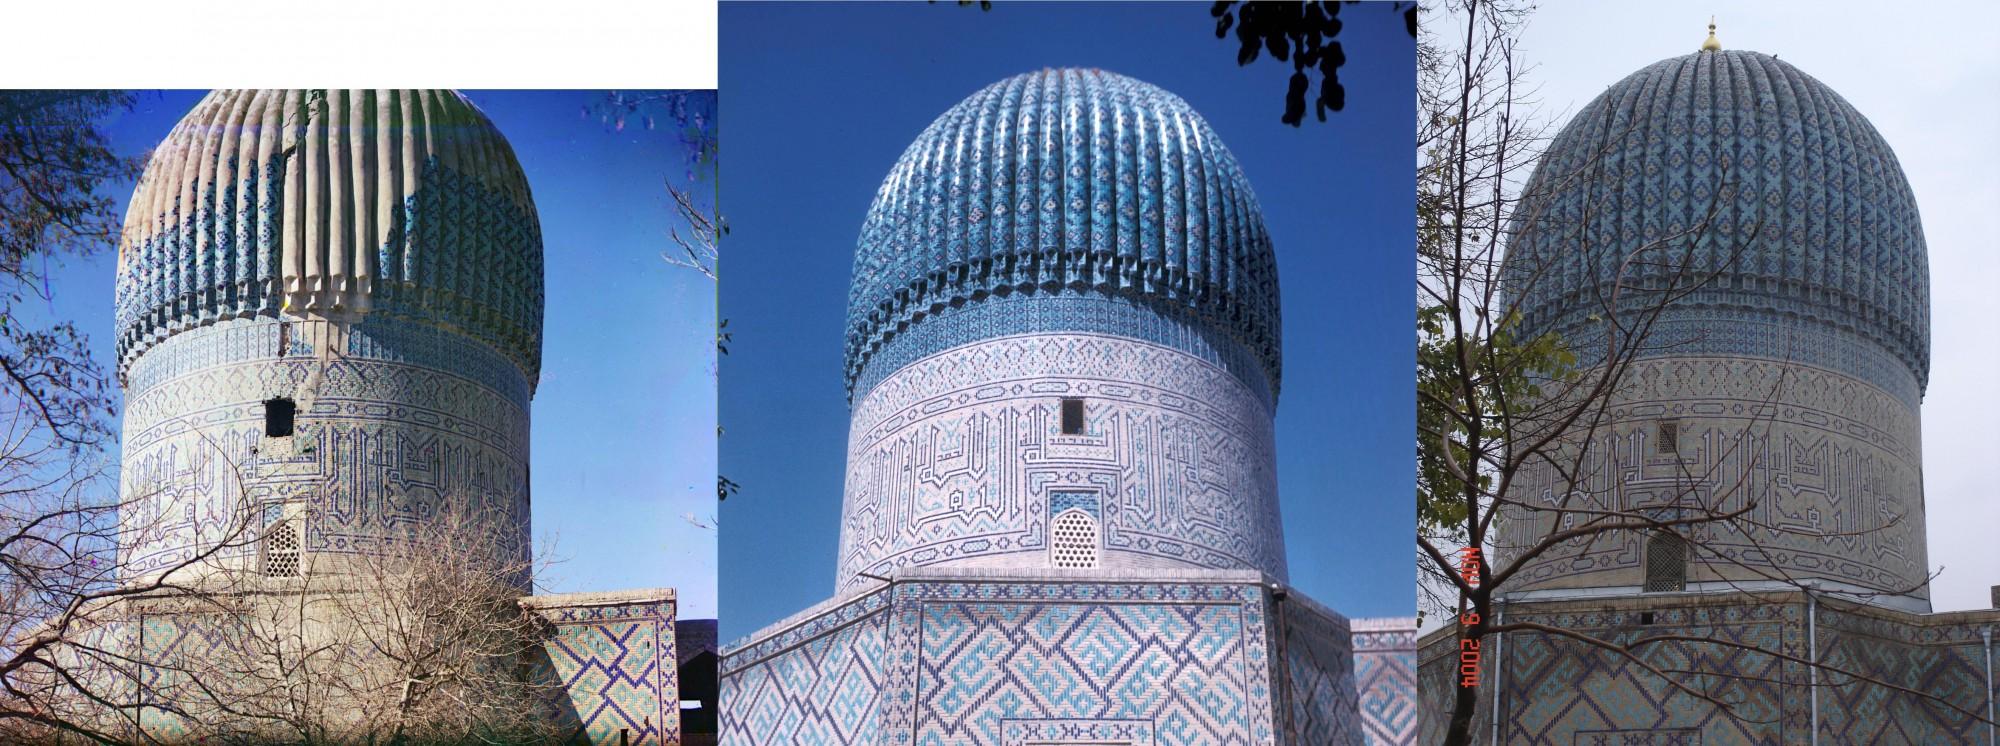 Мавзолей Гур-Эмир 1911-1959-2004